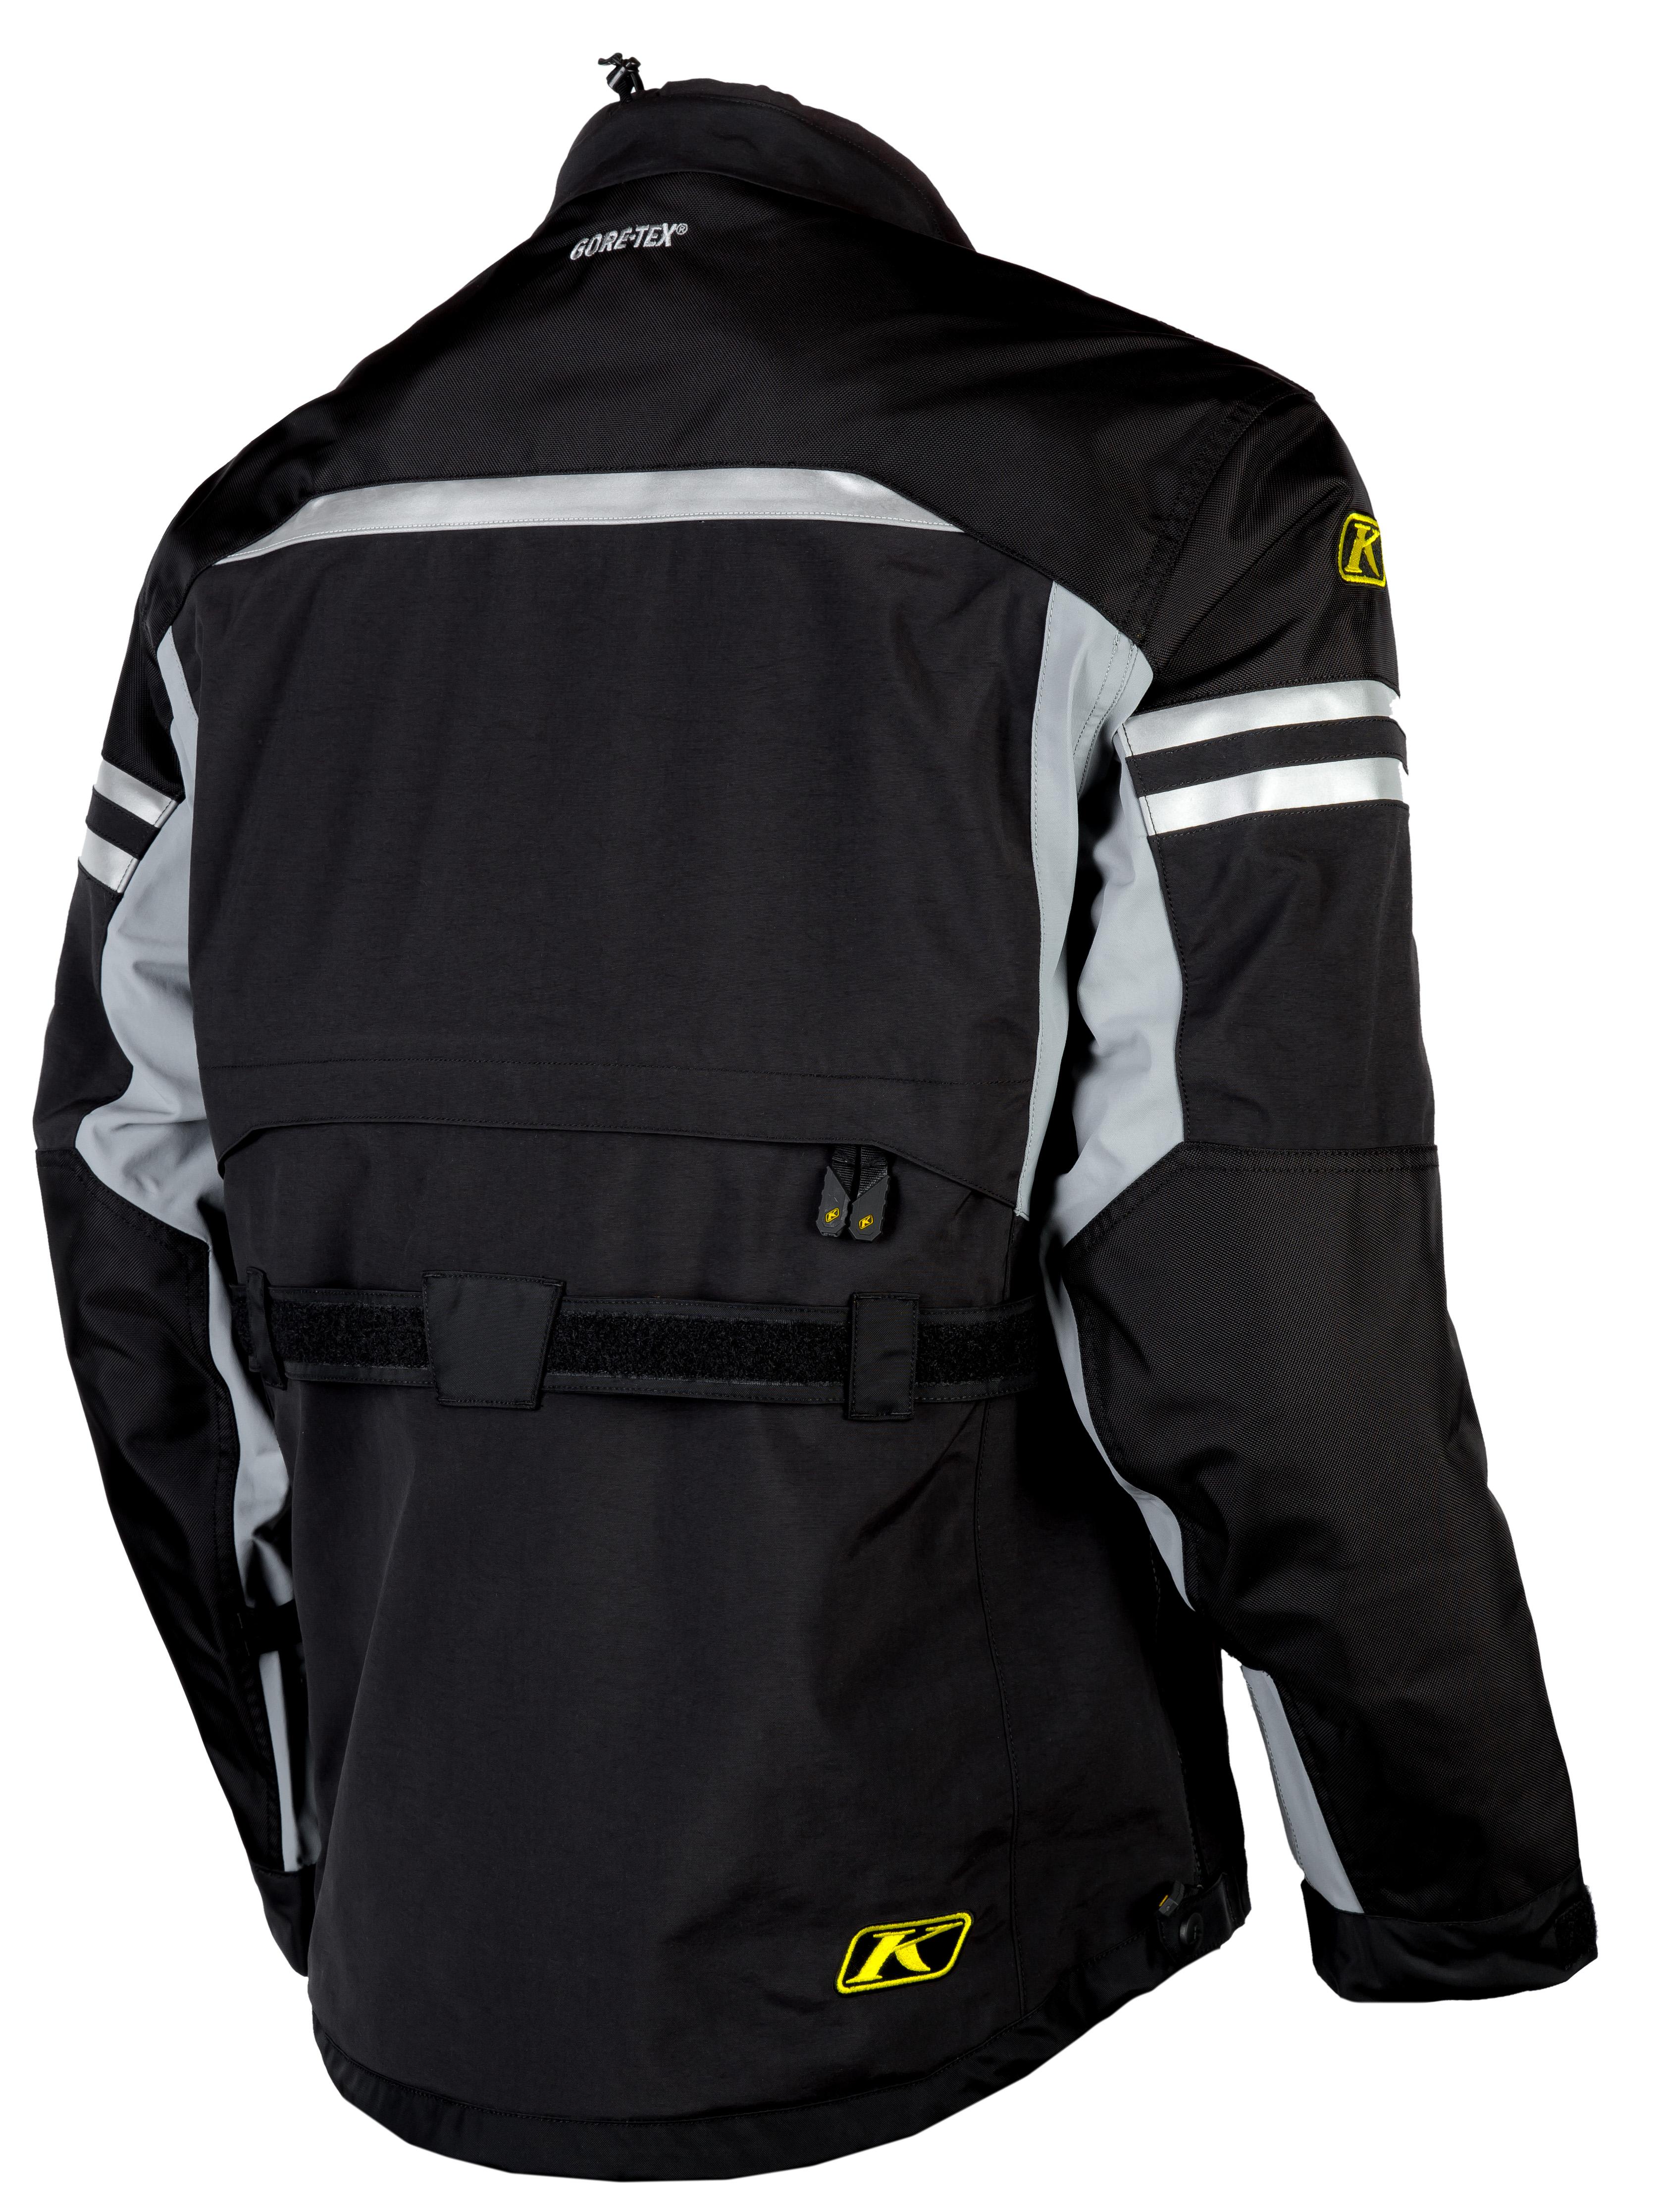 Latitude Jacket 5146-002-000-B